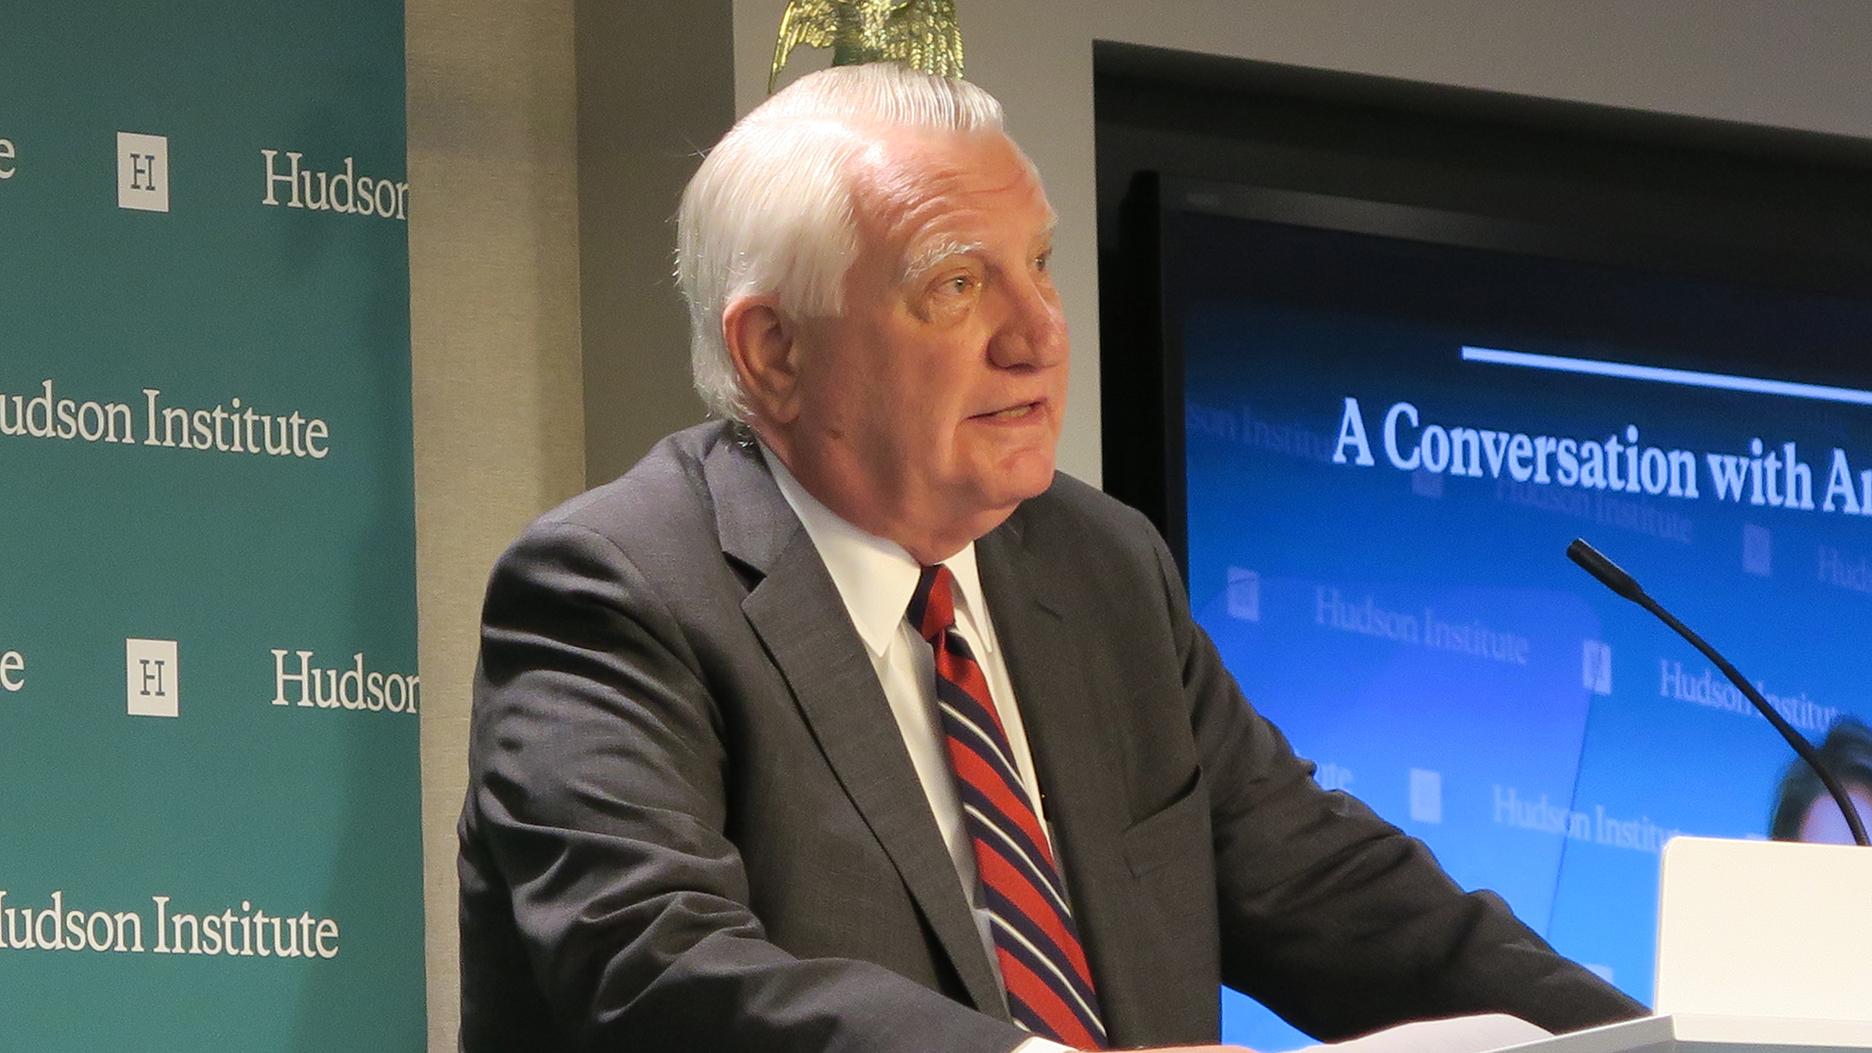 小布什政府时代的前白宫官员、哈德逊研究所政治研究中心主任约翰·沃尔特斯(John Walters)。 (自由亚洲电台记者唐家婕华盛顿摄)